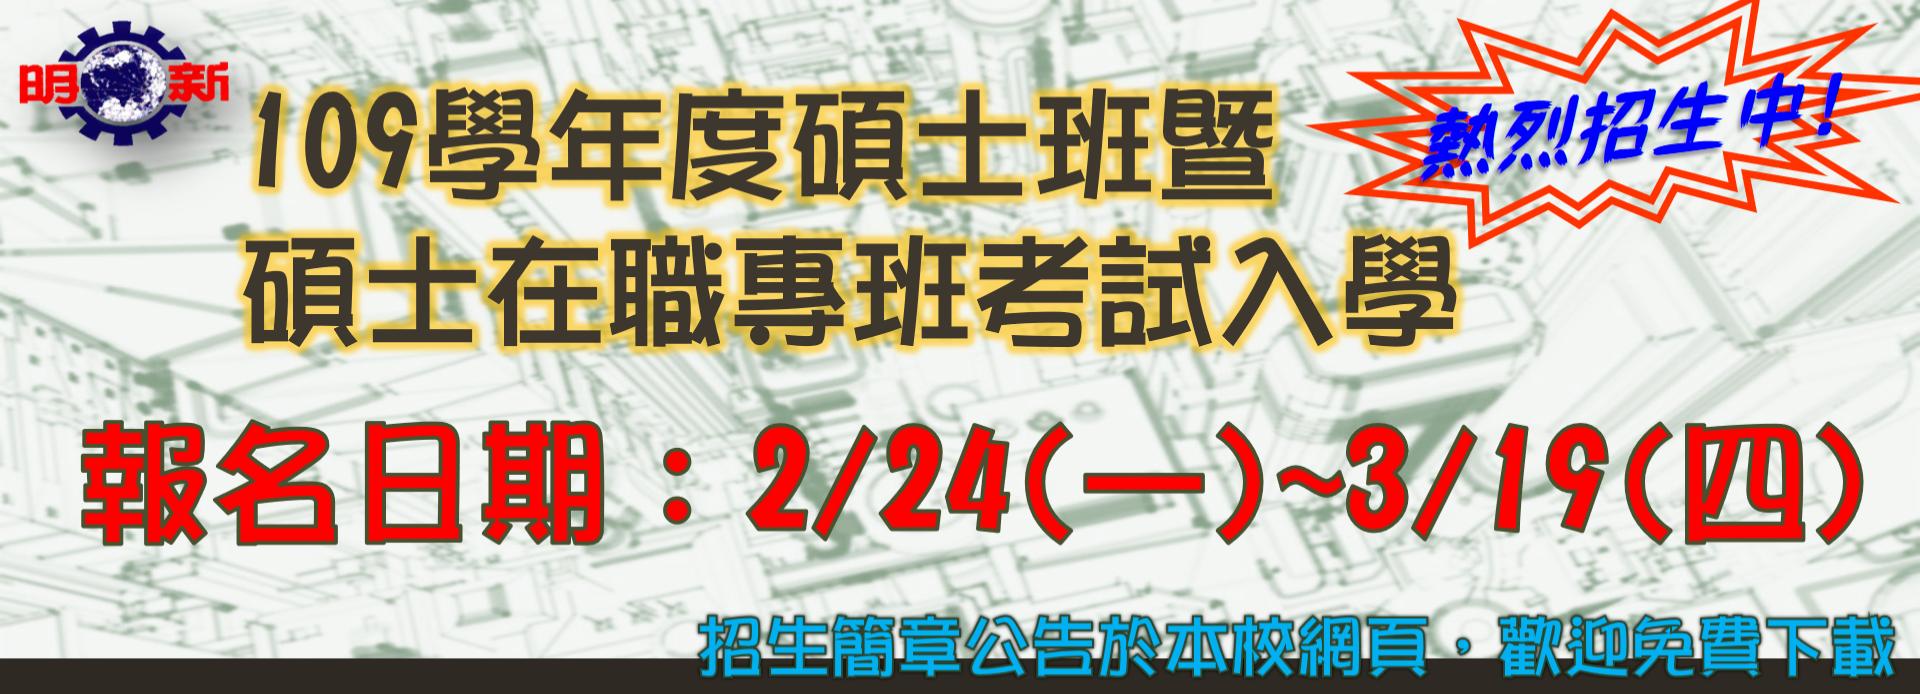 20200319 綜合 109學年度研究所考試入學